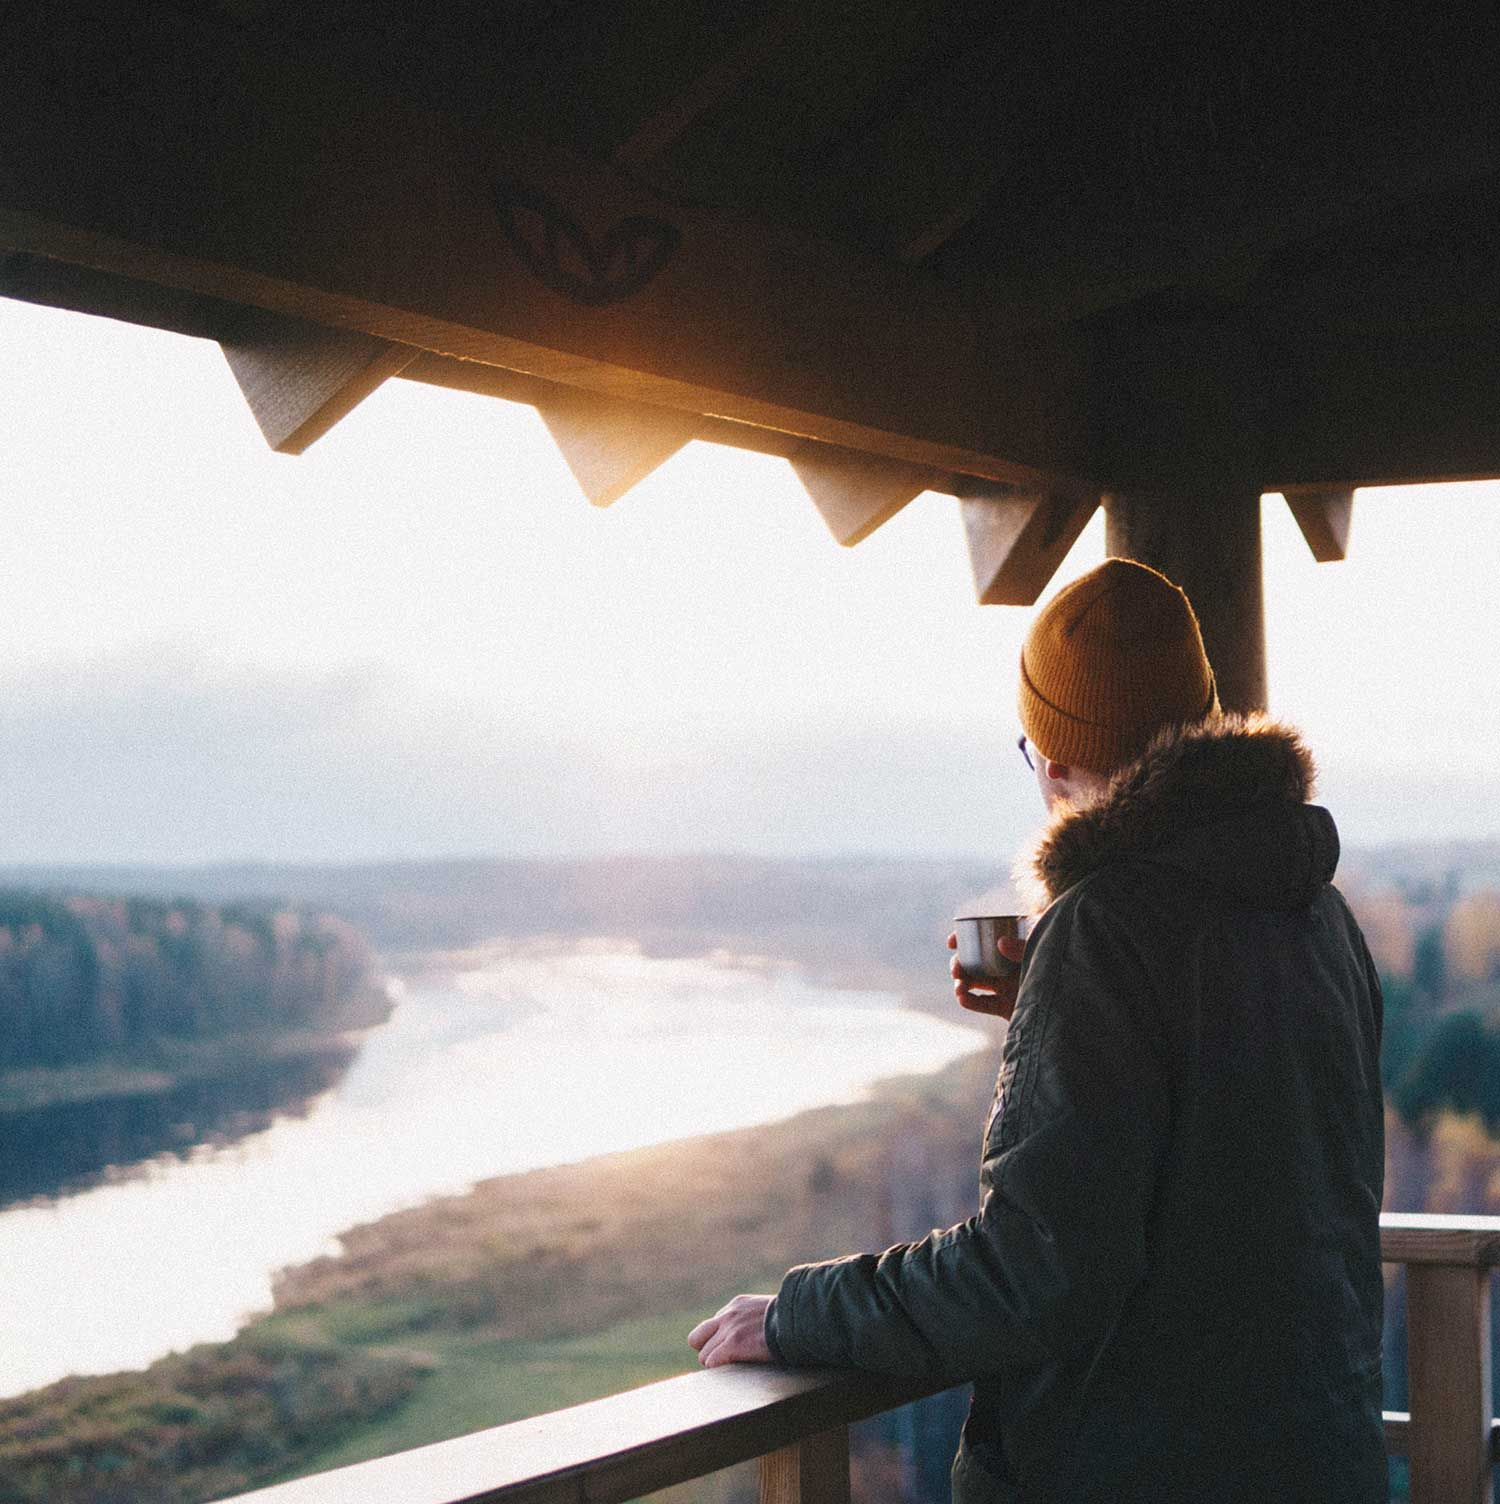 Bewerbung Lettland - Tipps und Beispiele